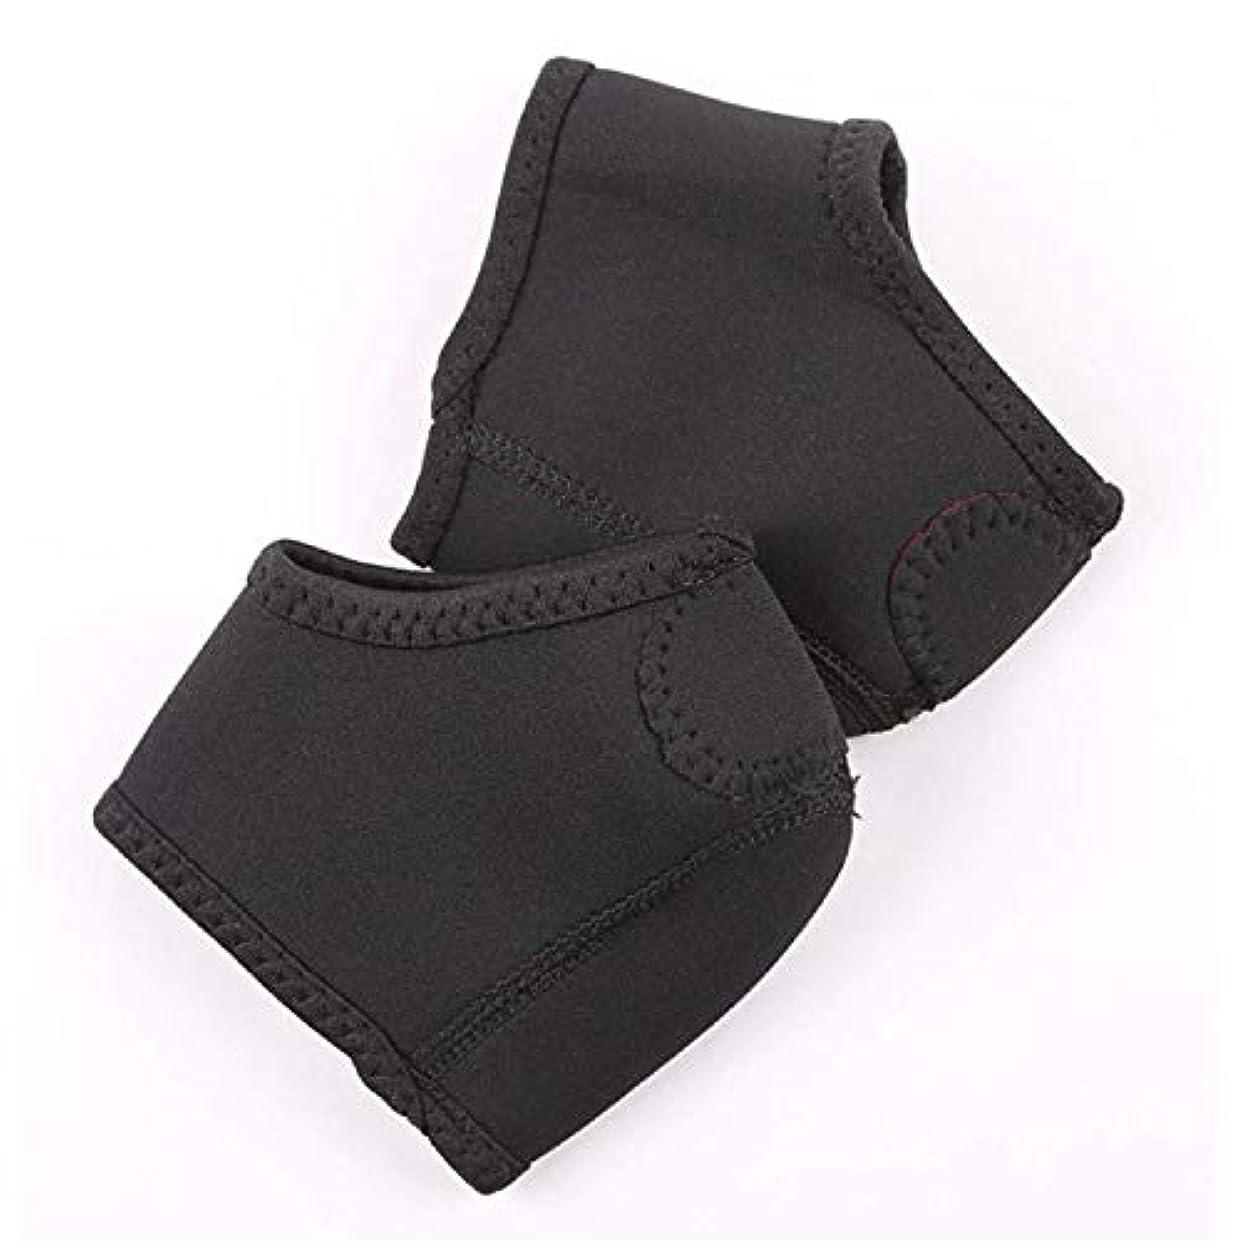 決めます一月占める2個 セット しっかりフィット タイプ 保護 靴下 足用 カバー ソックス インソール パッド 衝撃吸収 踵 足裂